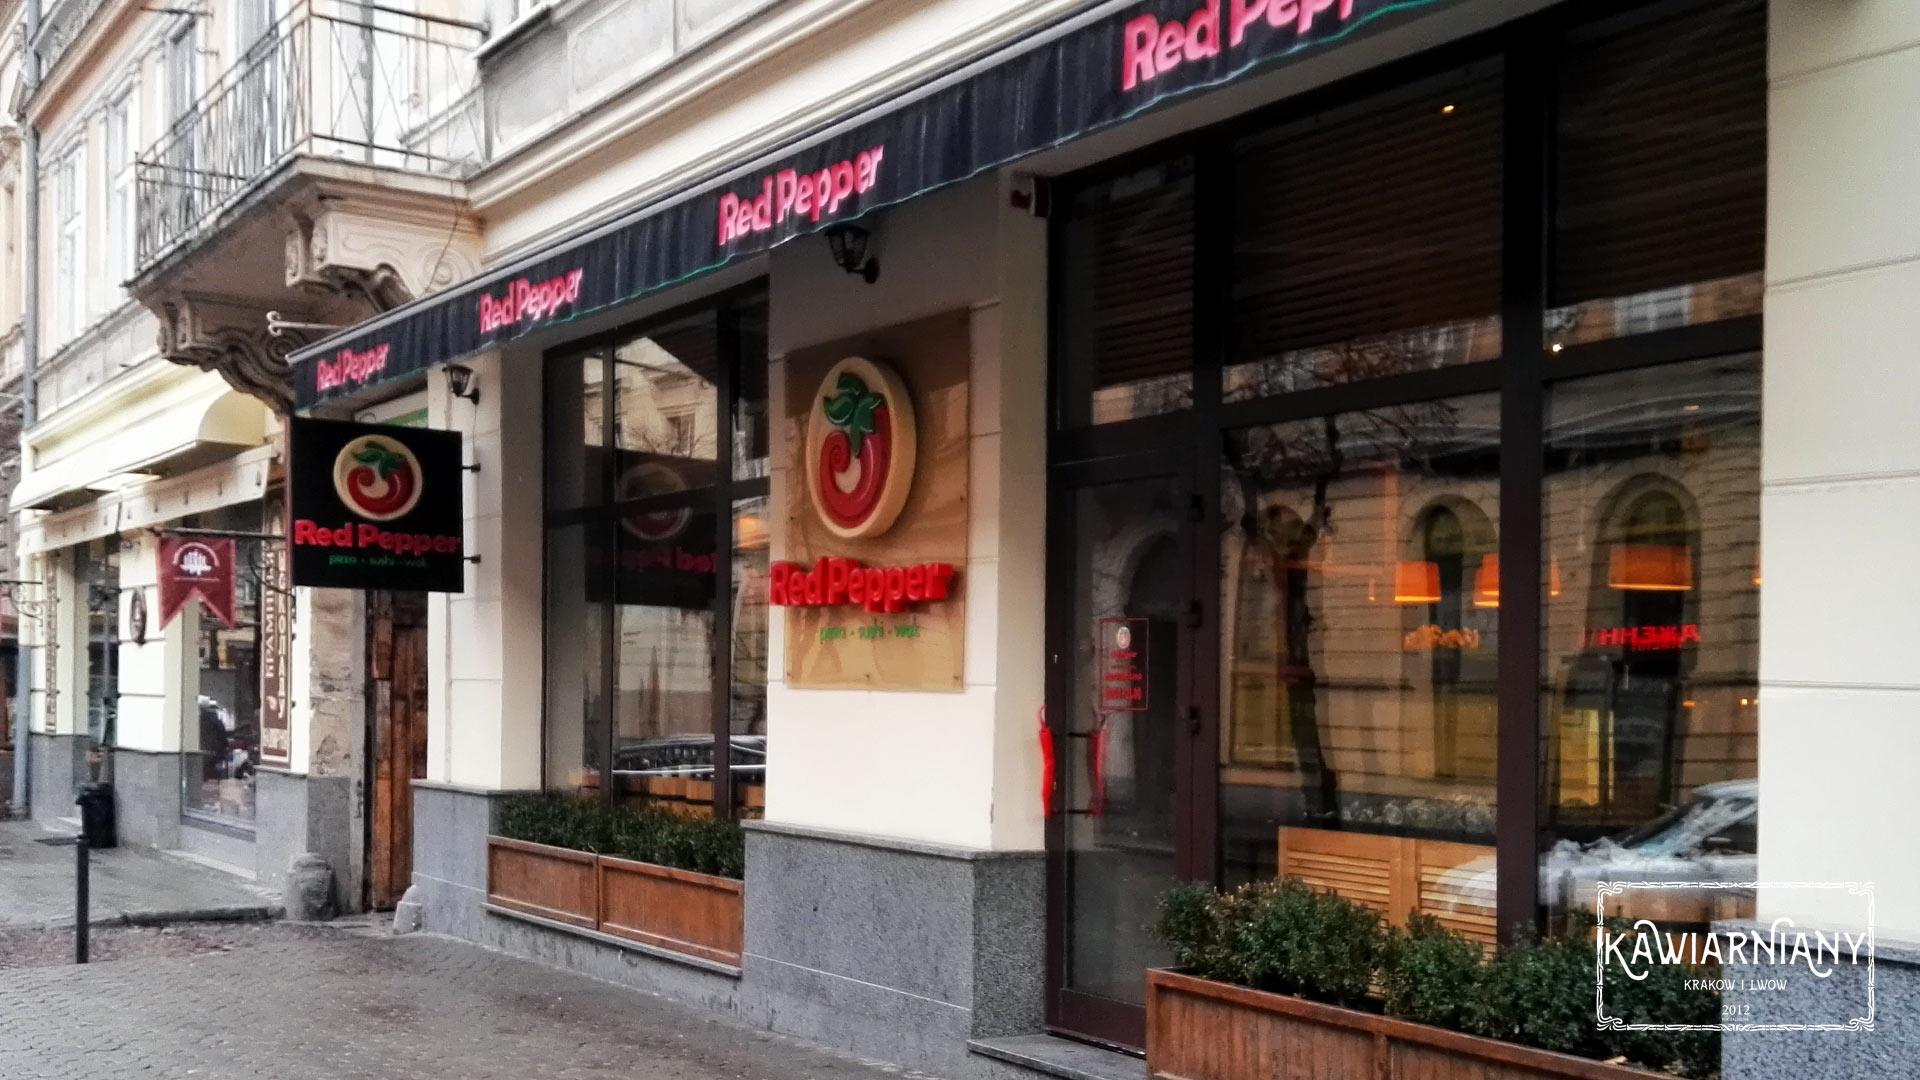 Restauracja Red Pepper we Lwowie. Kuchnia Azjatycka, włoska, sushi i pizza w jednym